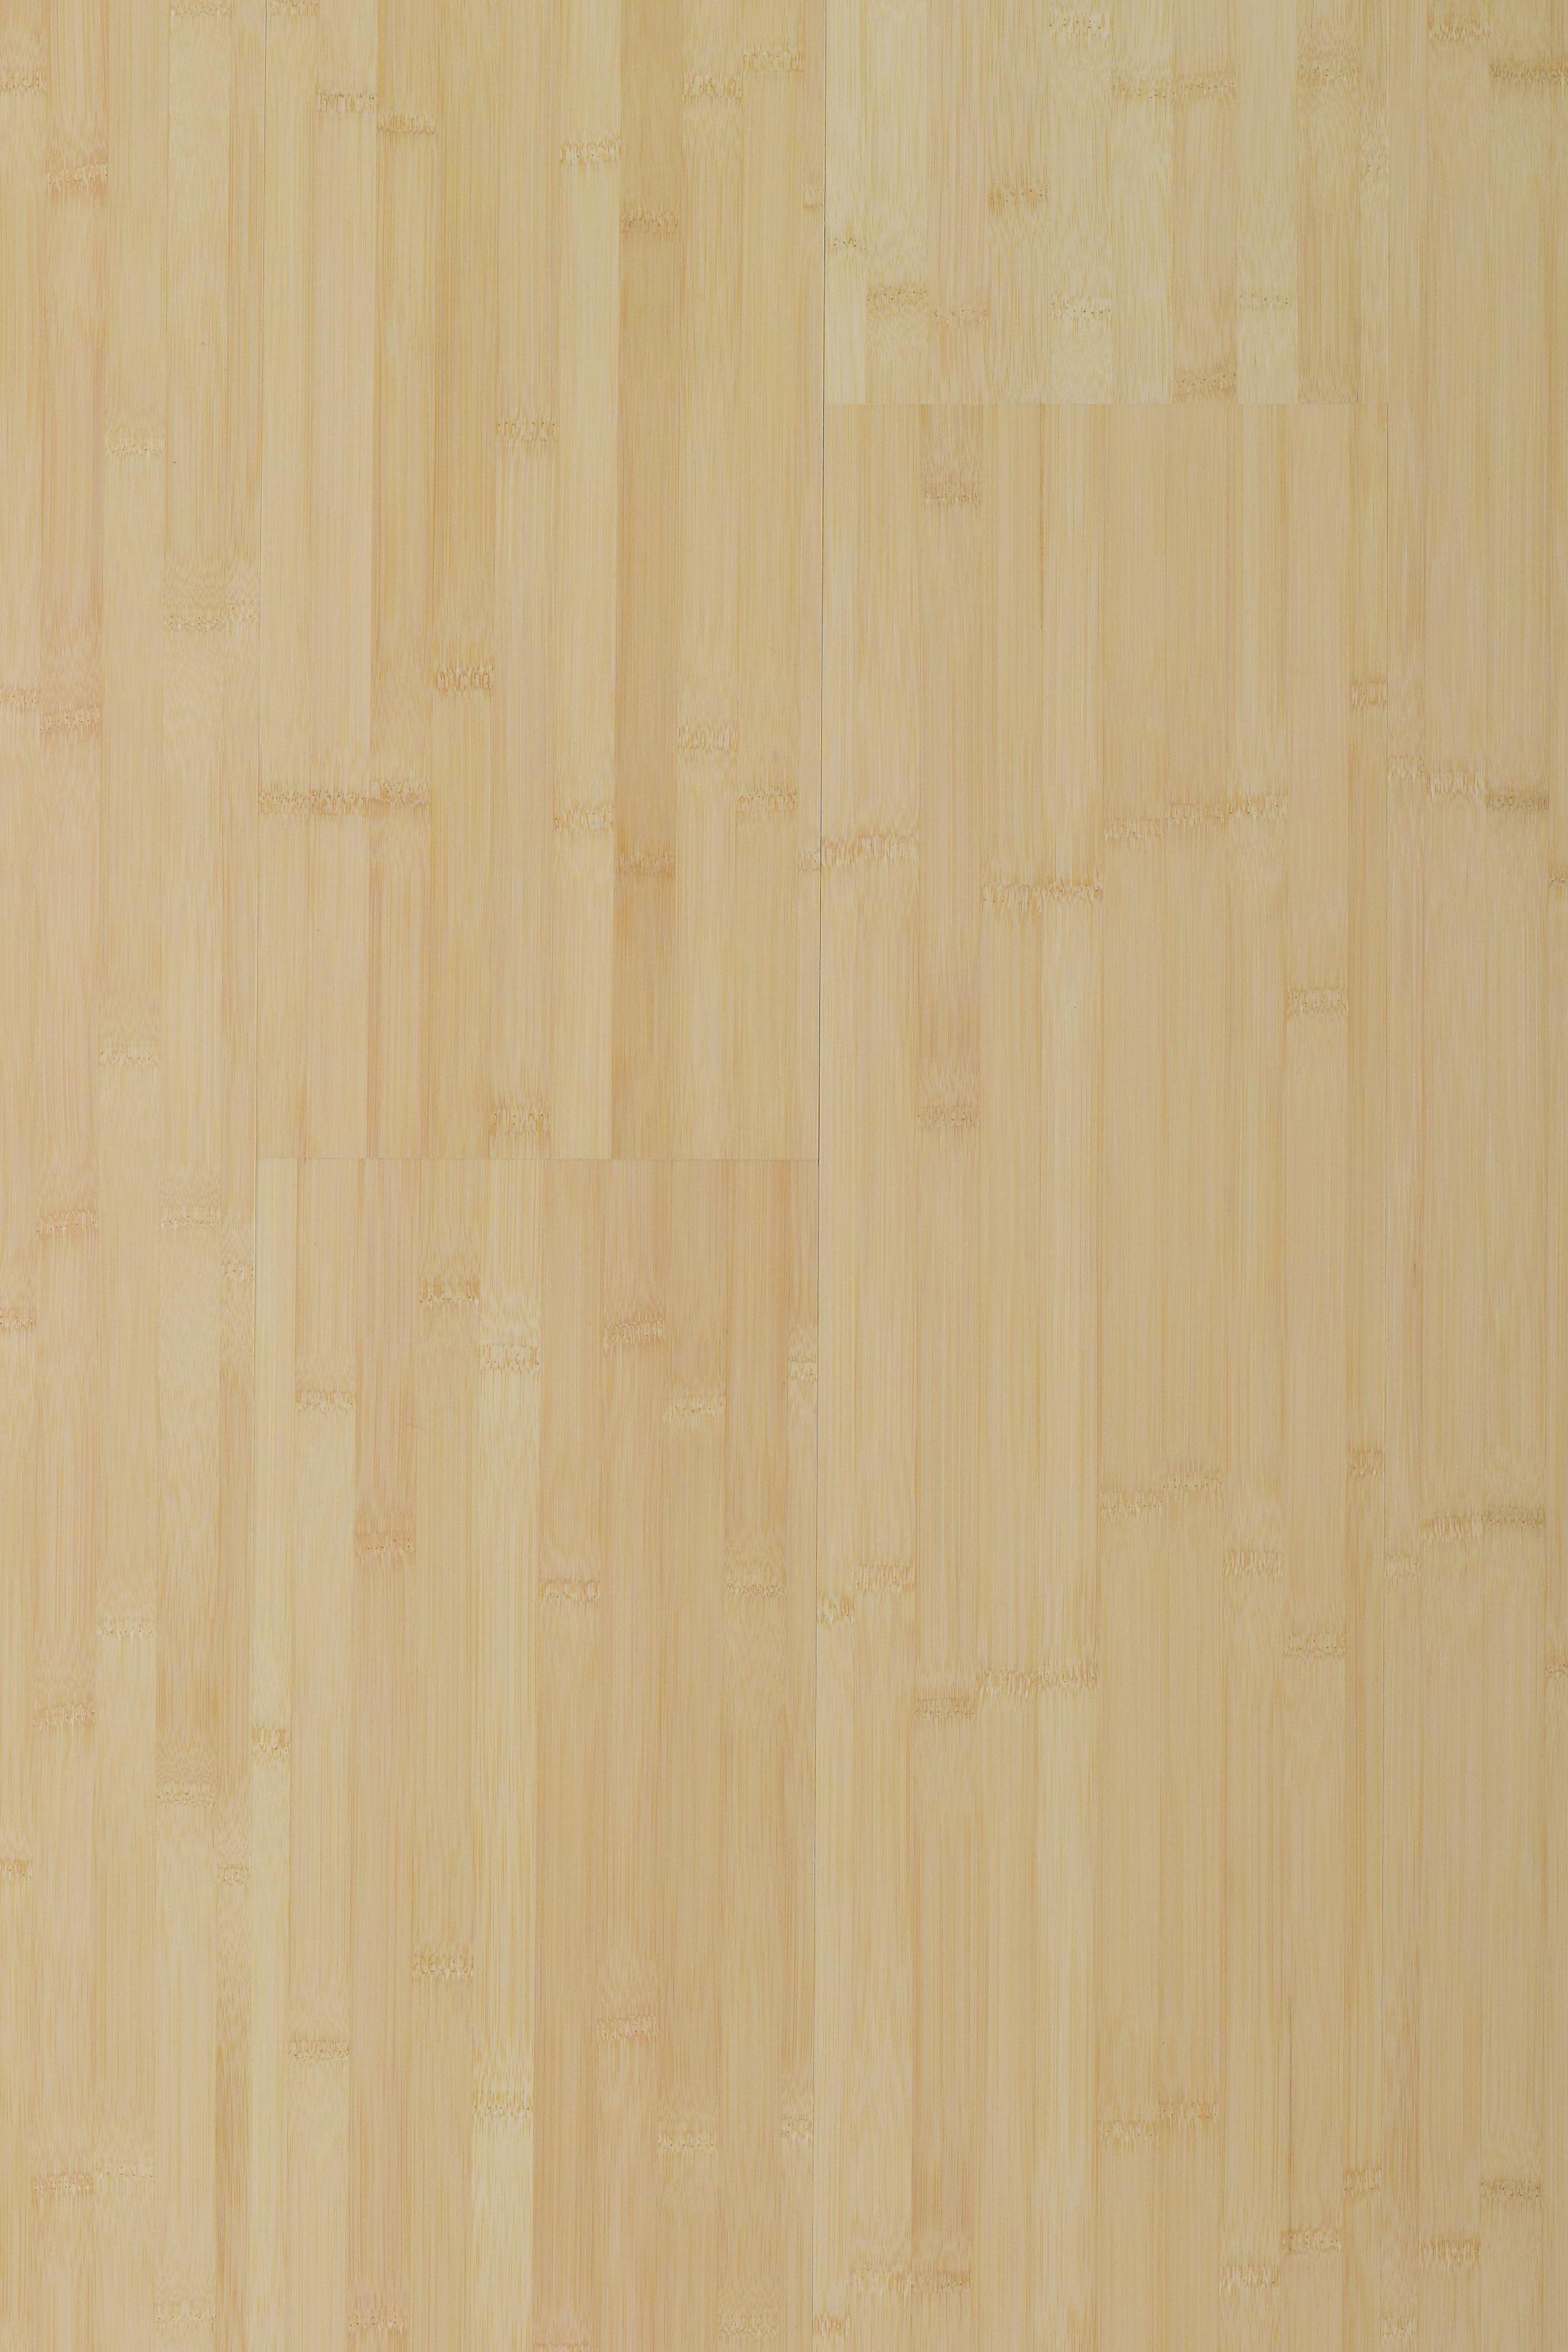 21 001 Parkett Landhausdiele Bambus Natur Landhausdielen Pinterest